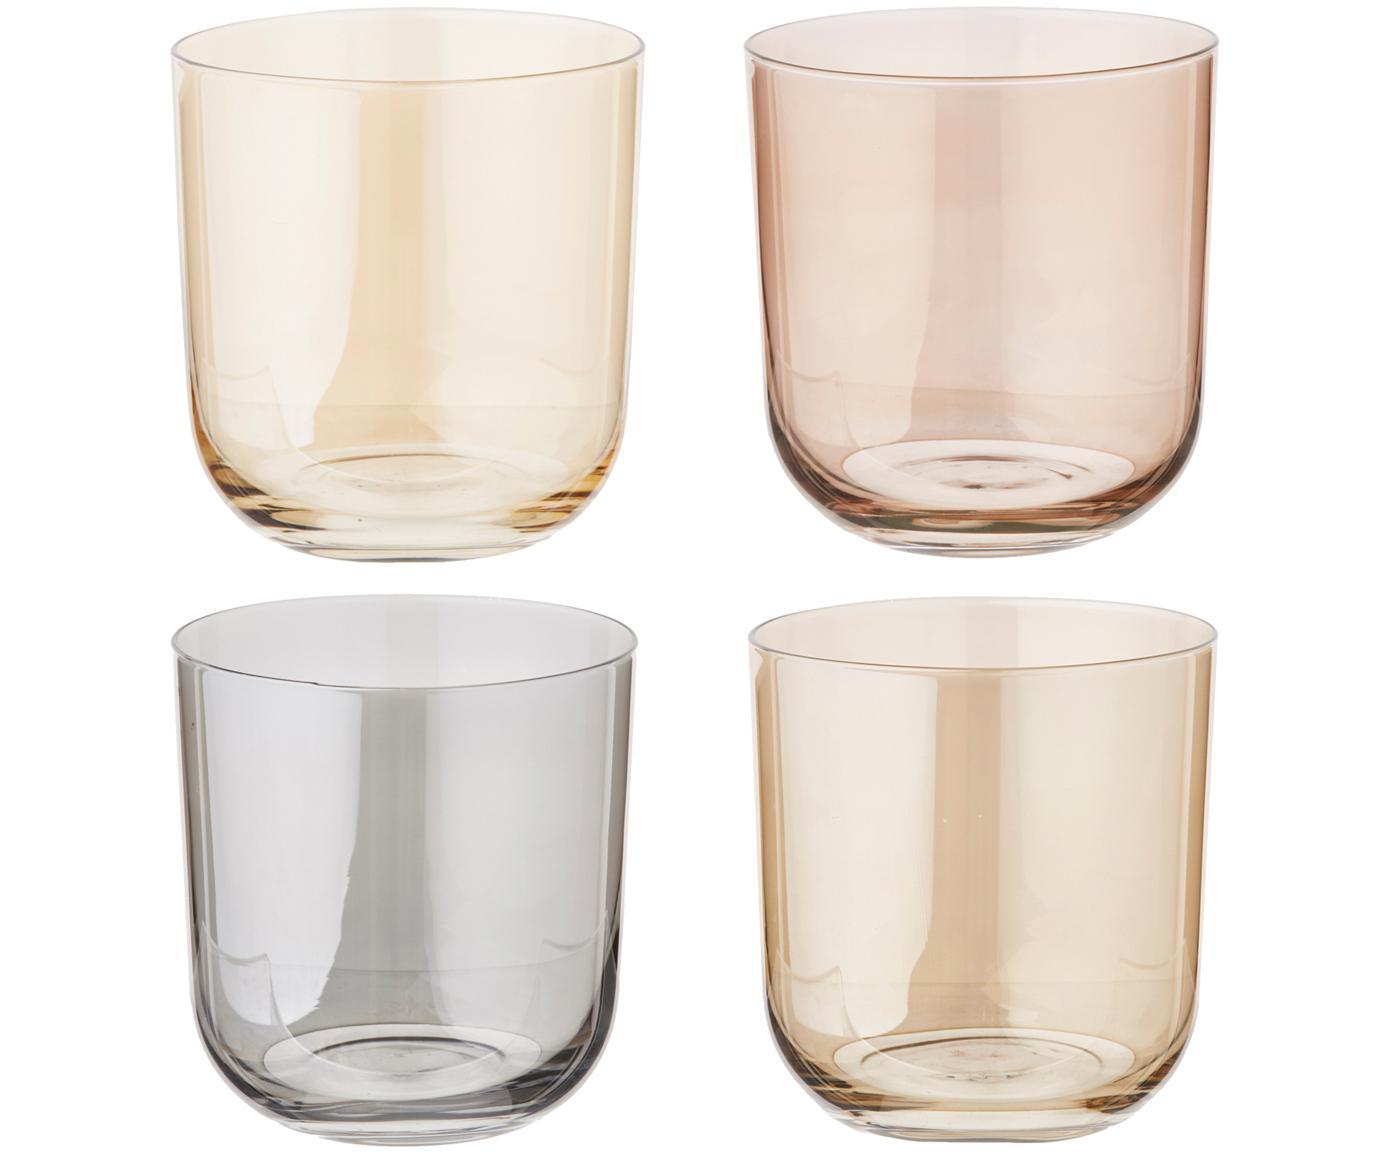 Bicchiere acqua dipinto a mano Polka, set di 4, Vetro, Giallo, marrone, grigio, marrone, Ø 9 x Alt. 9 cm